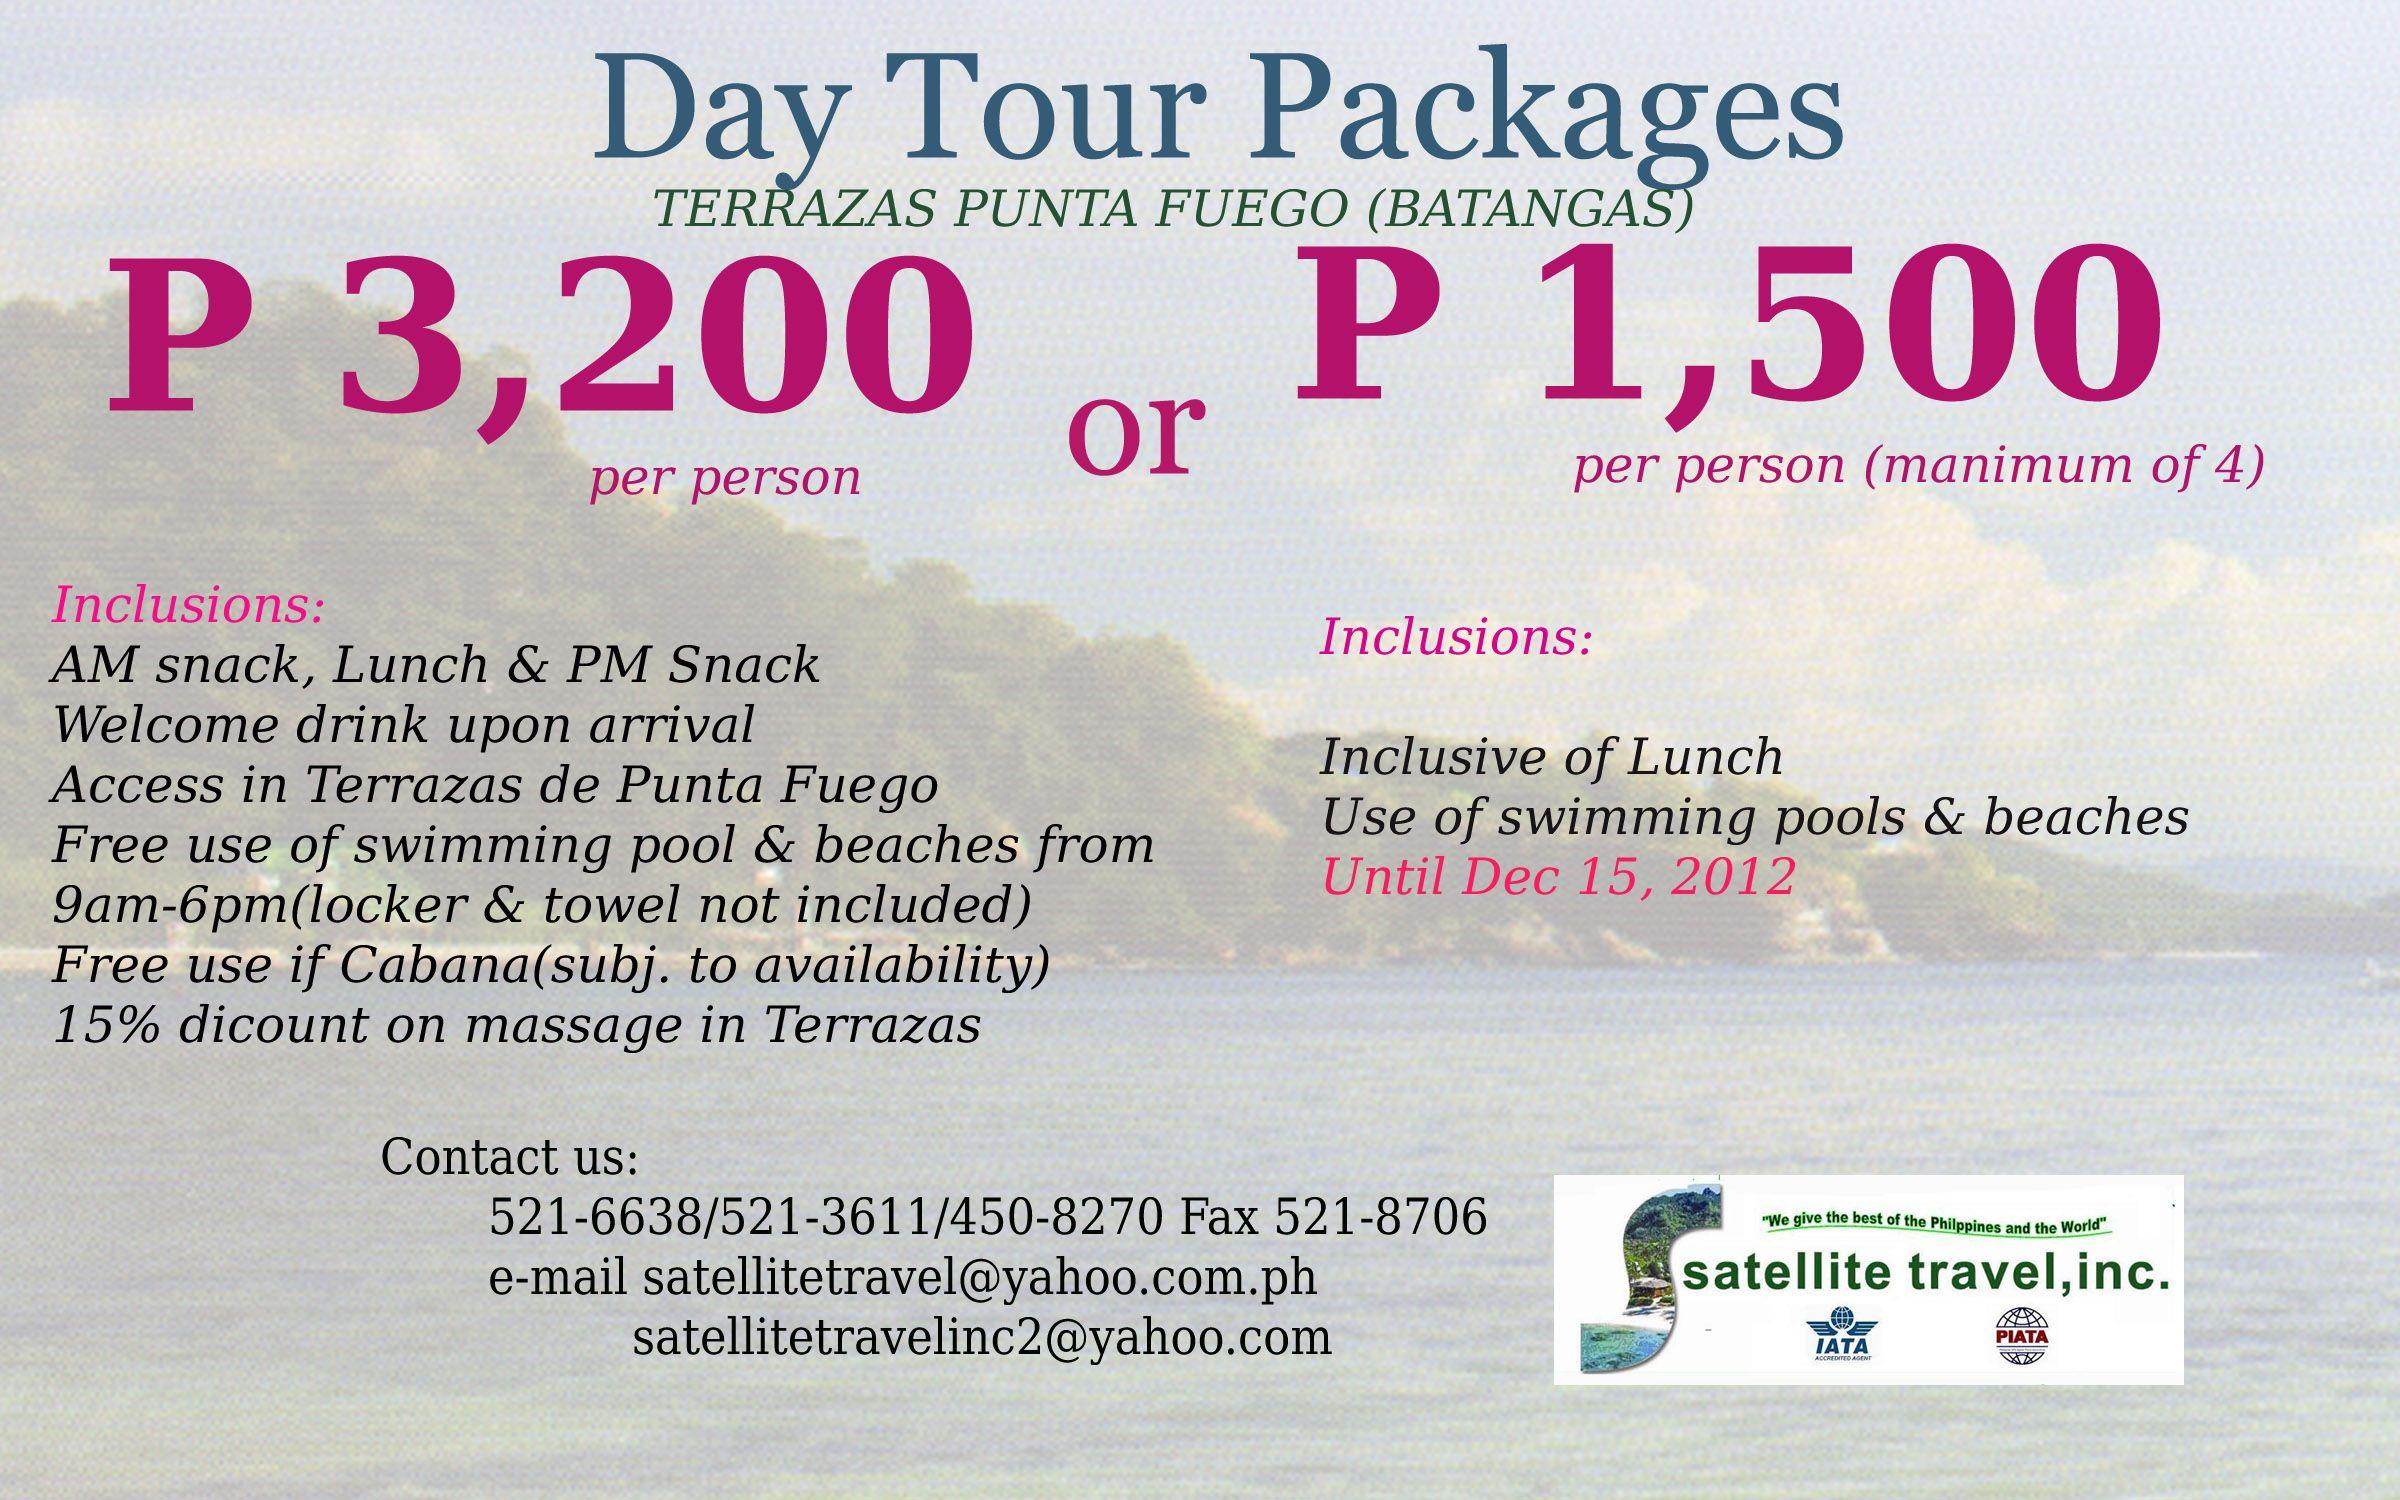 Day Tour Package Terrazas Punta Fuego Batangas Day Tours